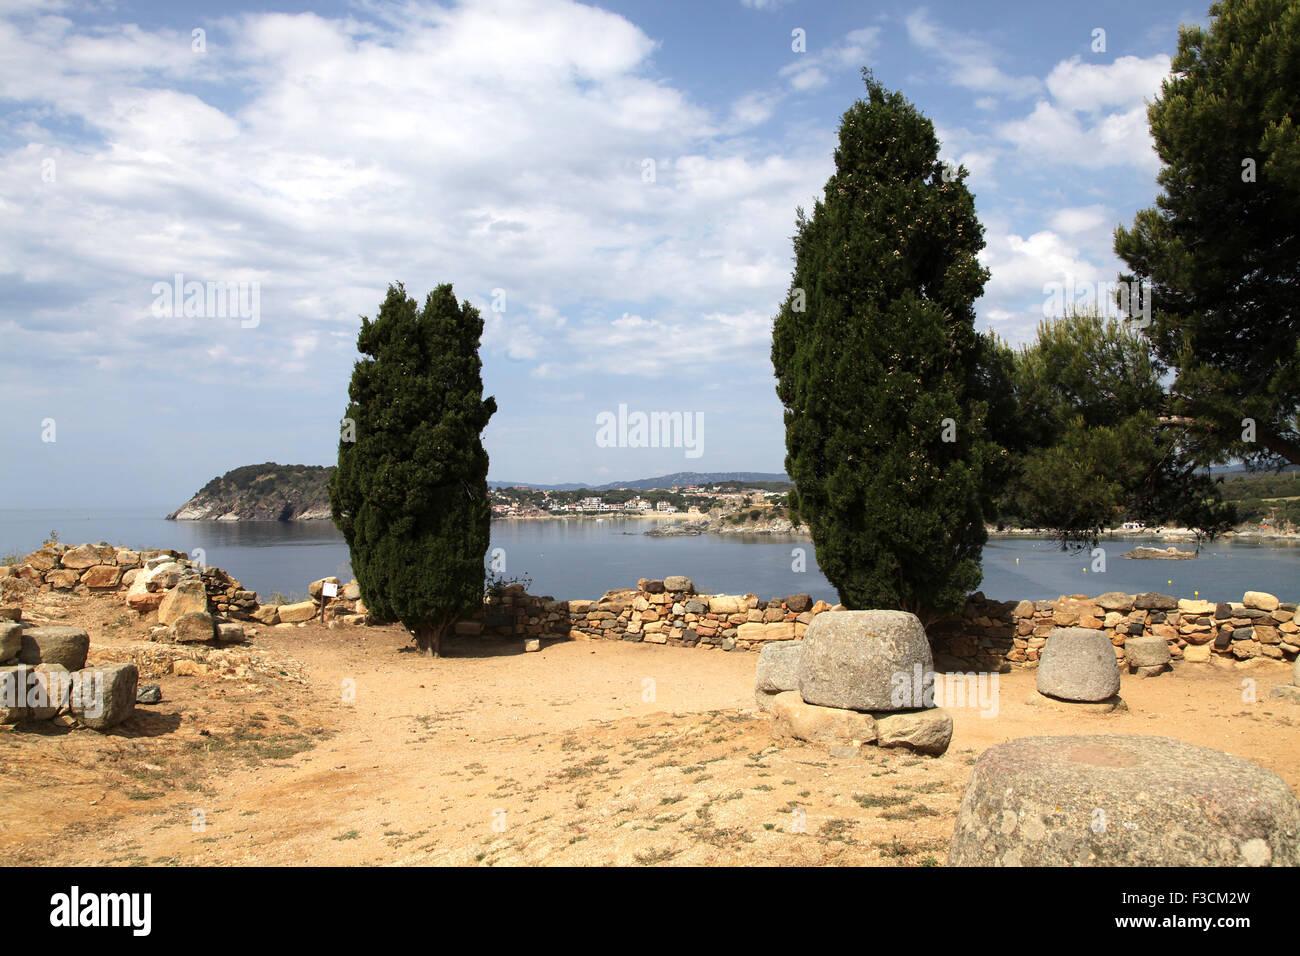 Archeological site at Punta de Castell Camí de Ronda Spain Costa Brava - Stock Image